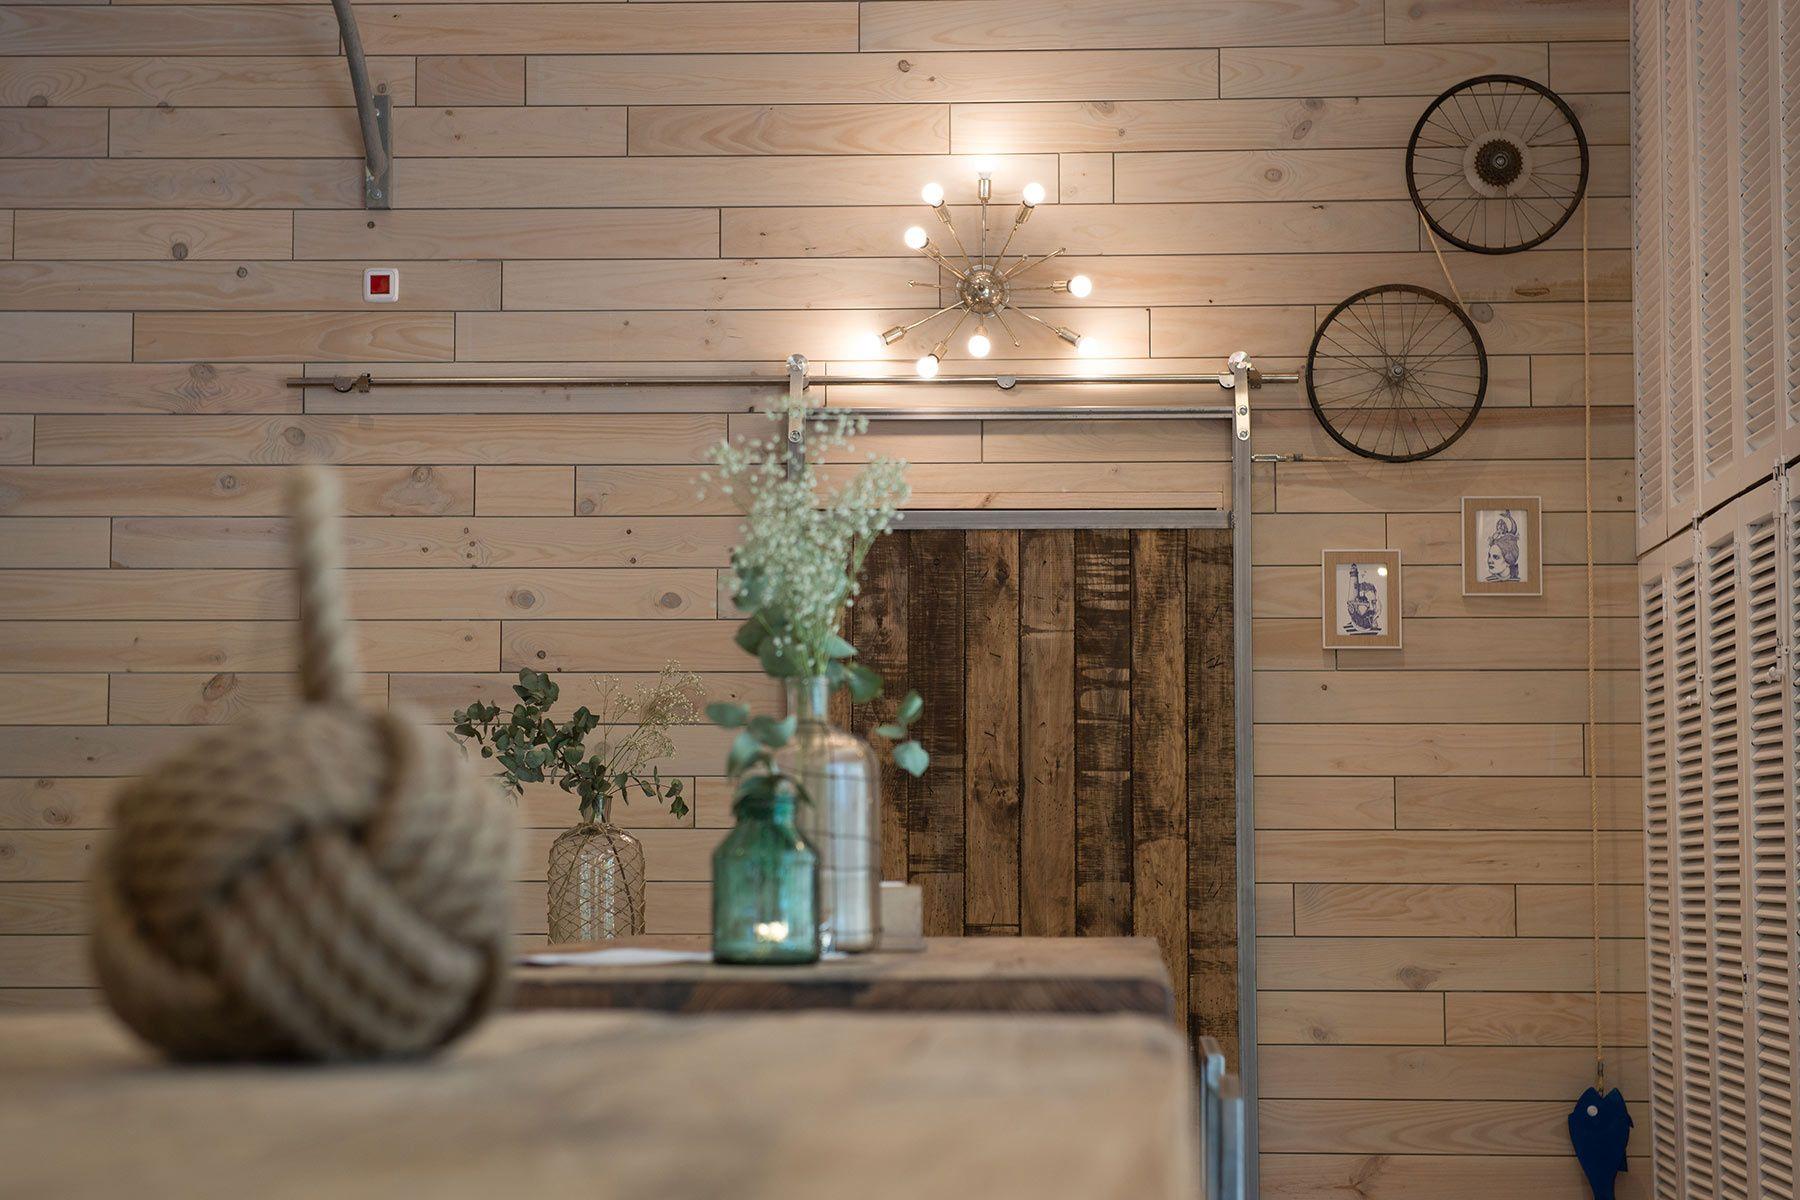 Madrid Gallega Framed Bathroom Mirror Restaurant Decor